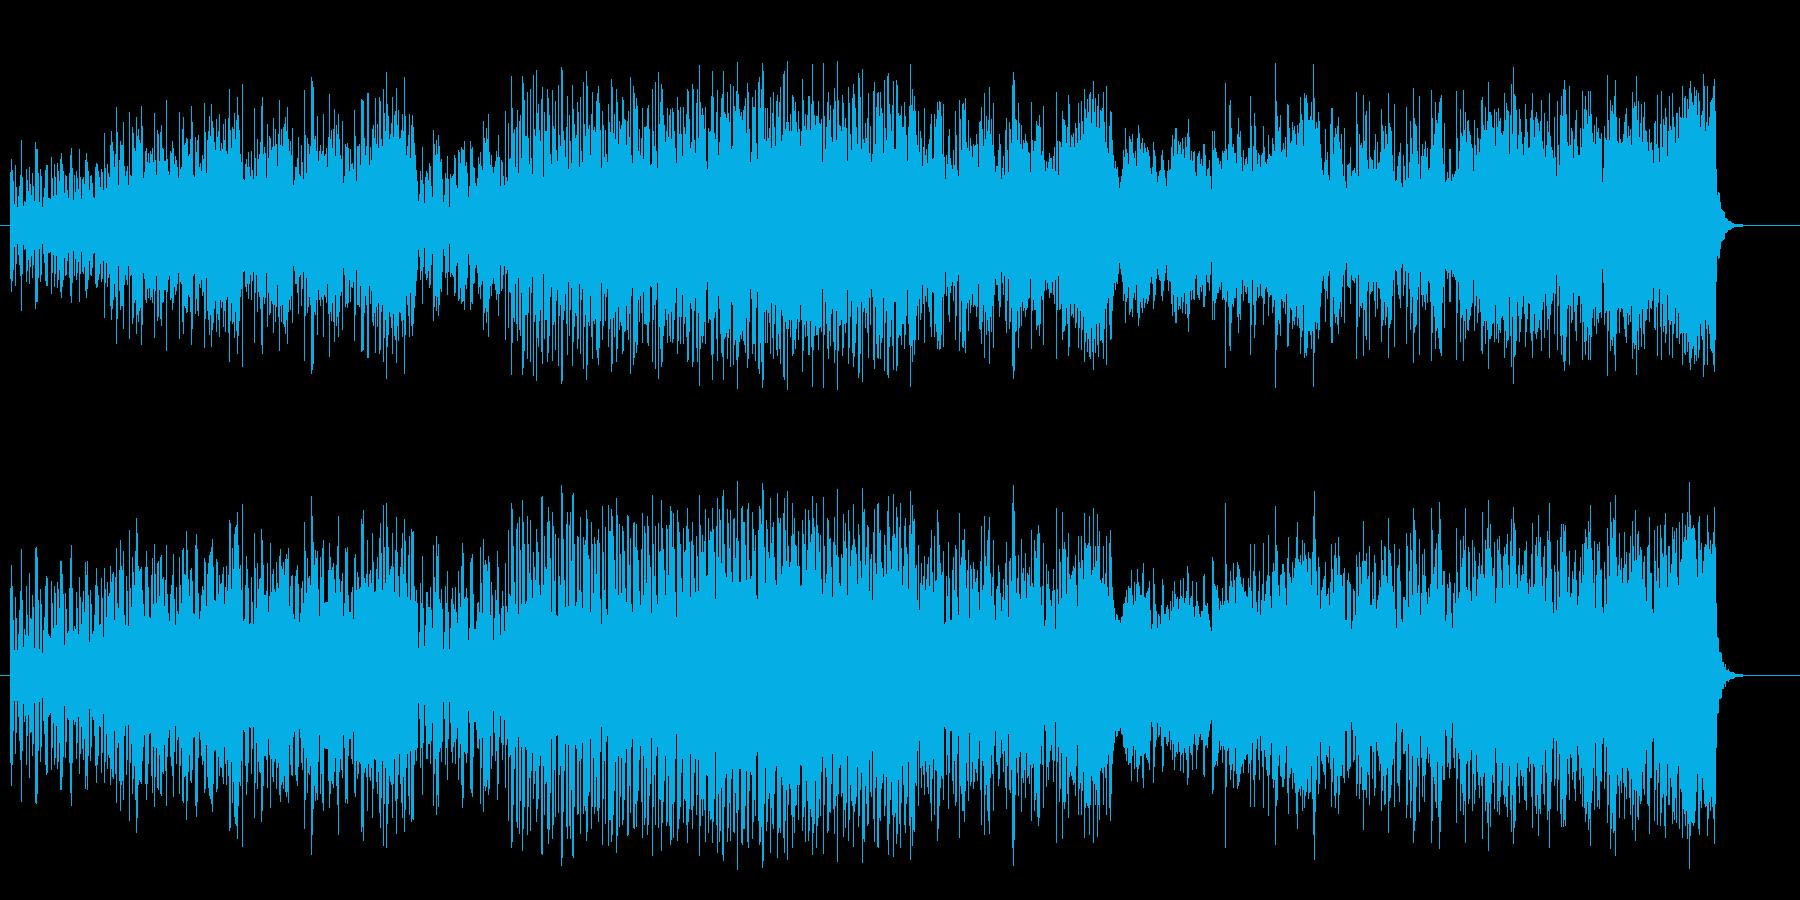 サスペンスが展開するマイナーフュージョンの再生済みの波形